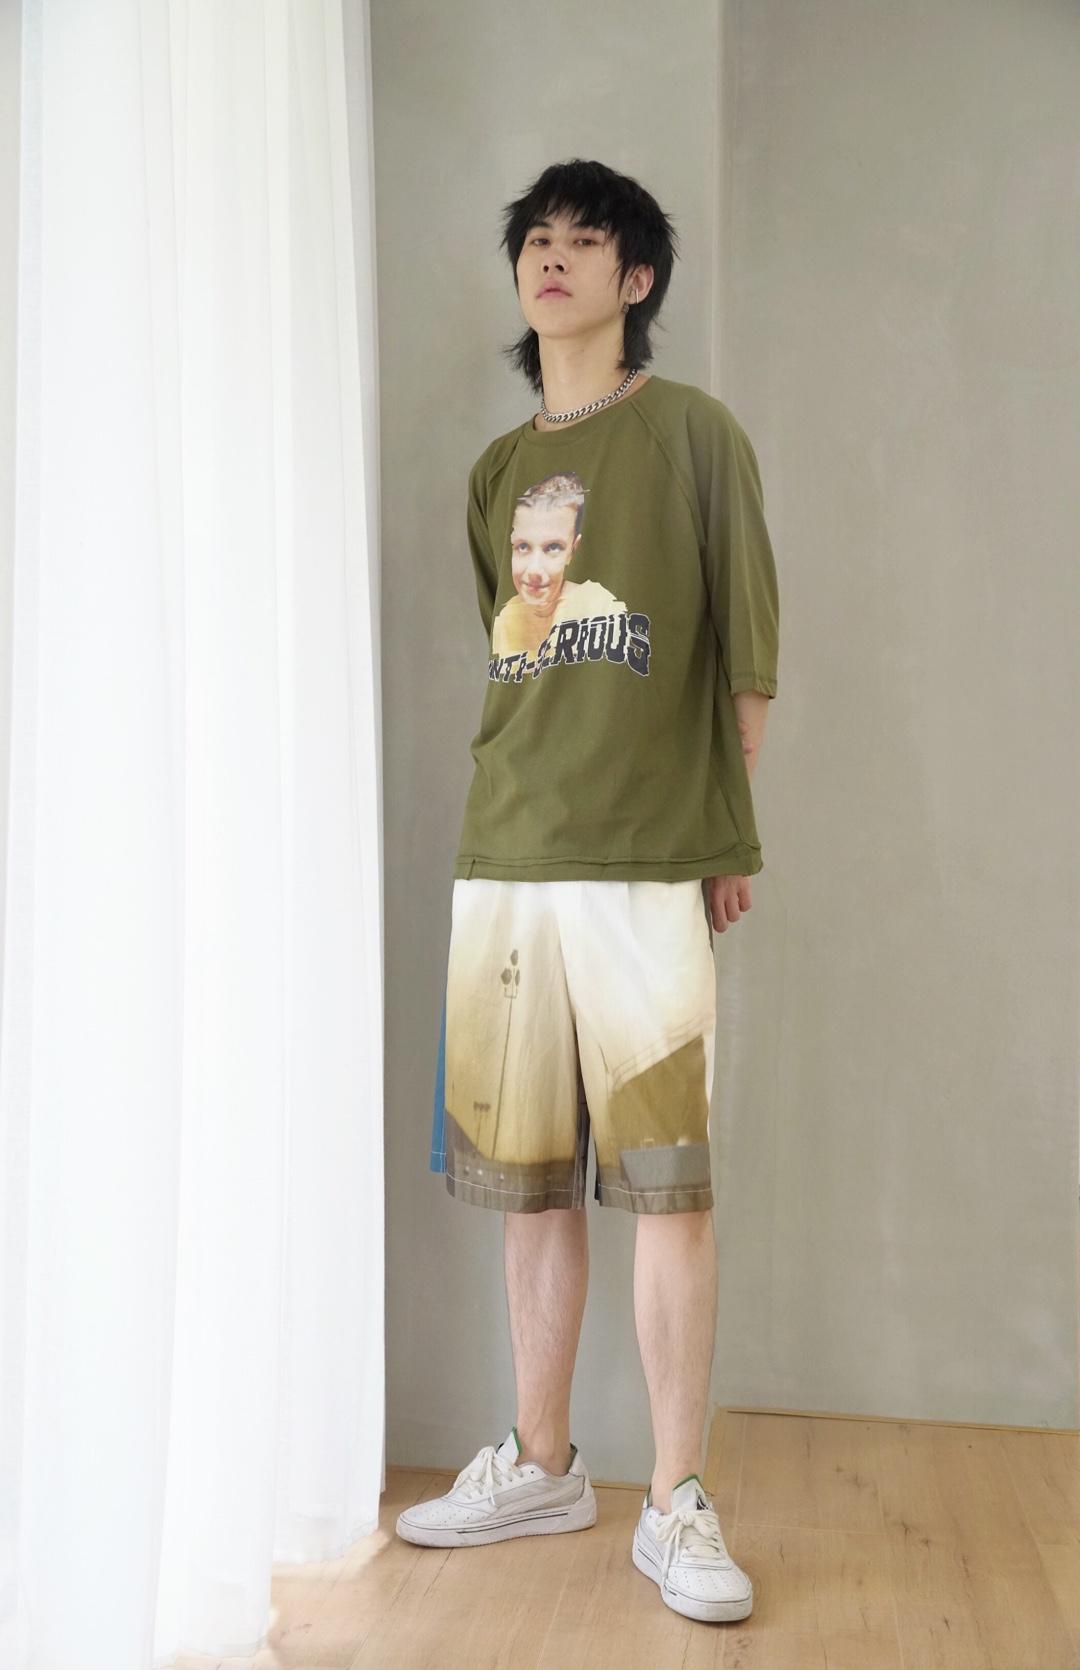 军绿色也是平常少见但是穿出来又很吸睛的一个颜色 不知道为什么冥冥之中有这种感觉 胸前加上打logo 短裤颜色呼应 喜欢就赶快get起来啊!!!#蘑菇街新品测评#